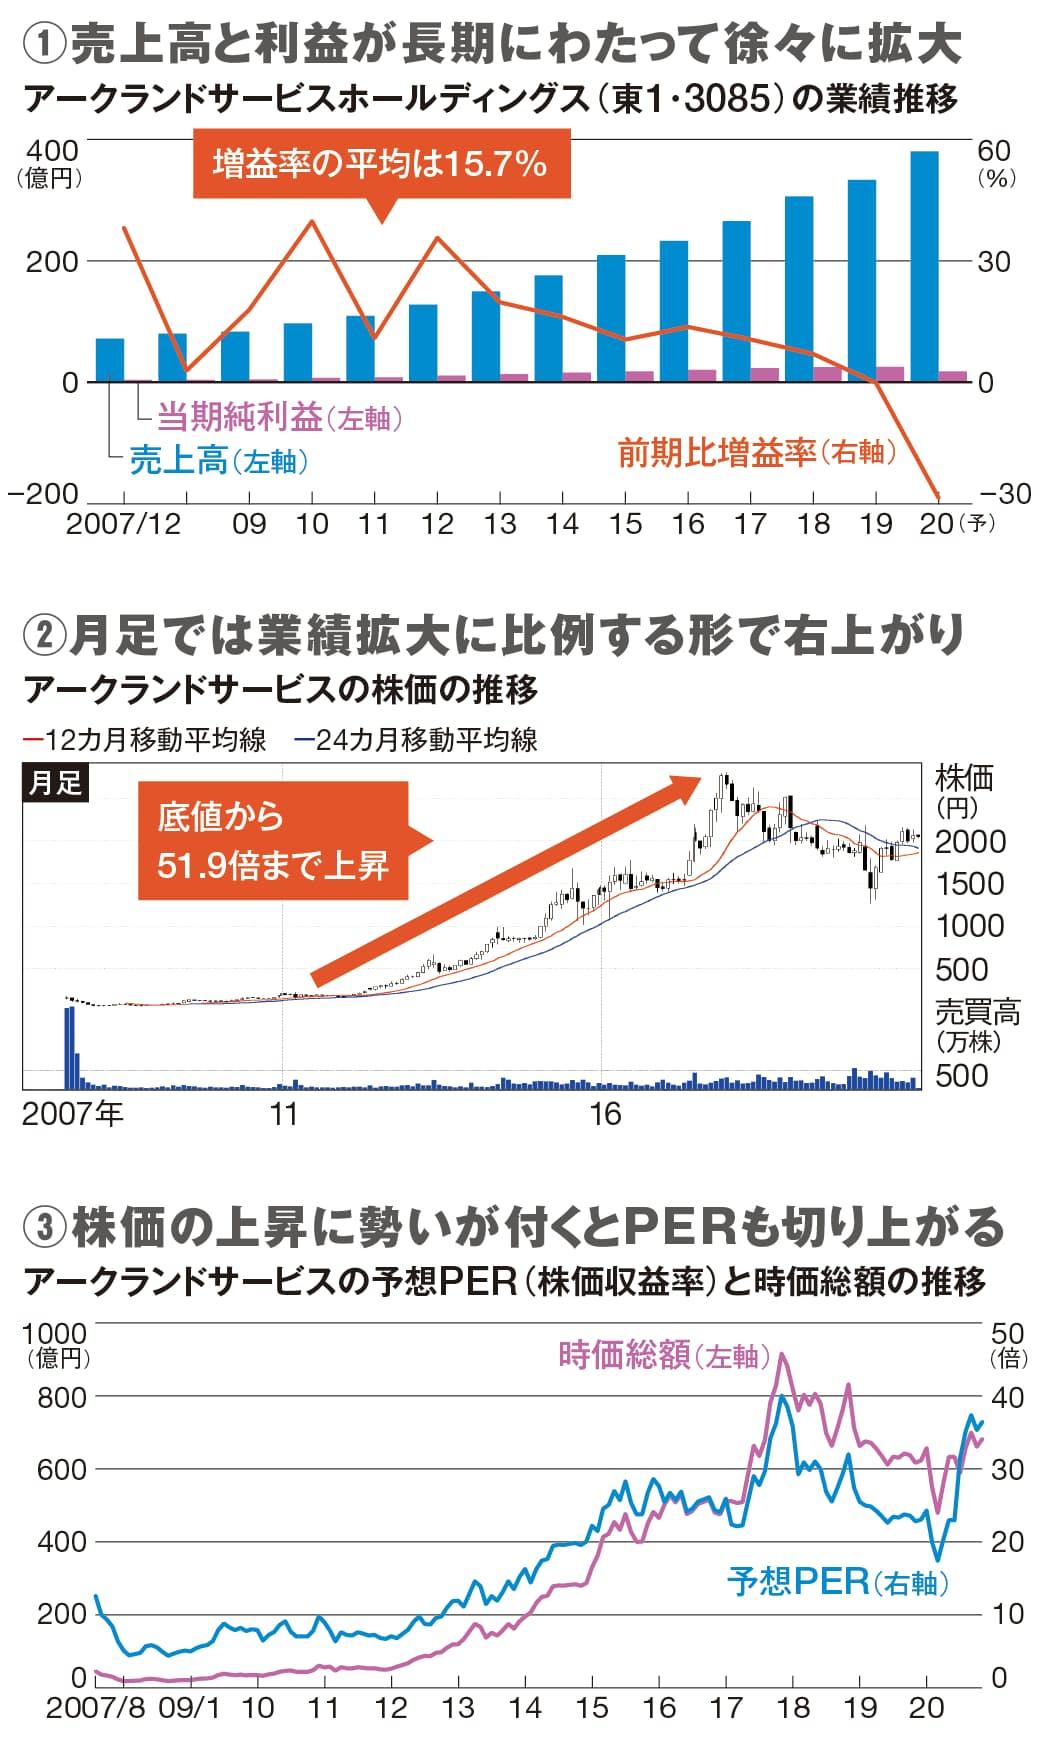 テンバガーを狙える銘柄の業績グラフと株価チャートには独特のパターンが現れる